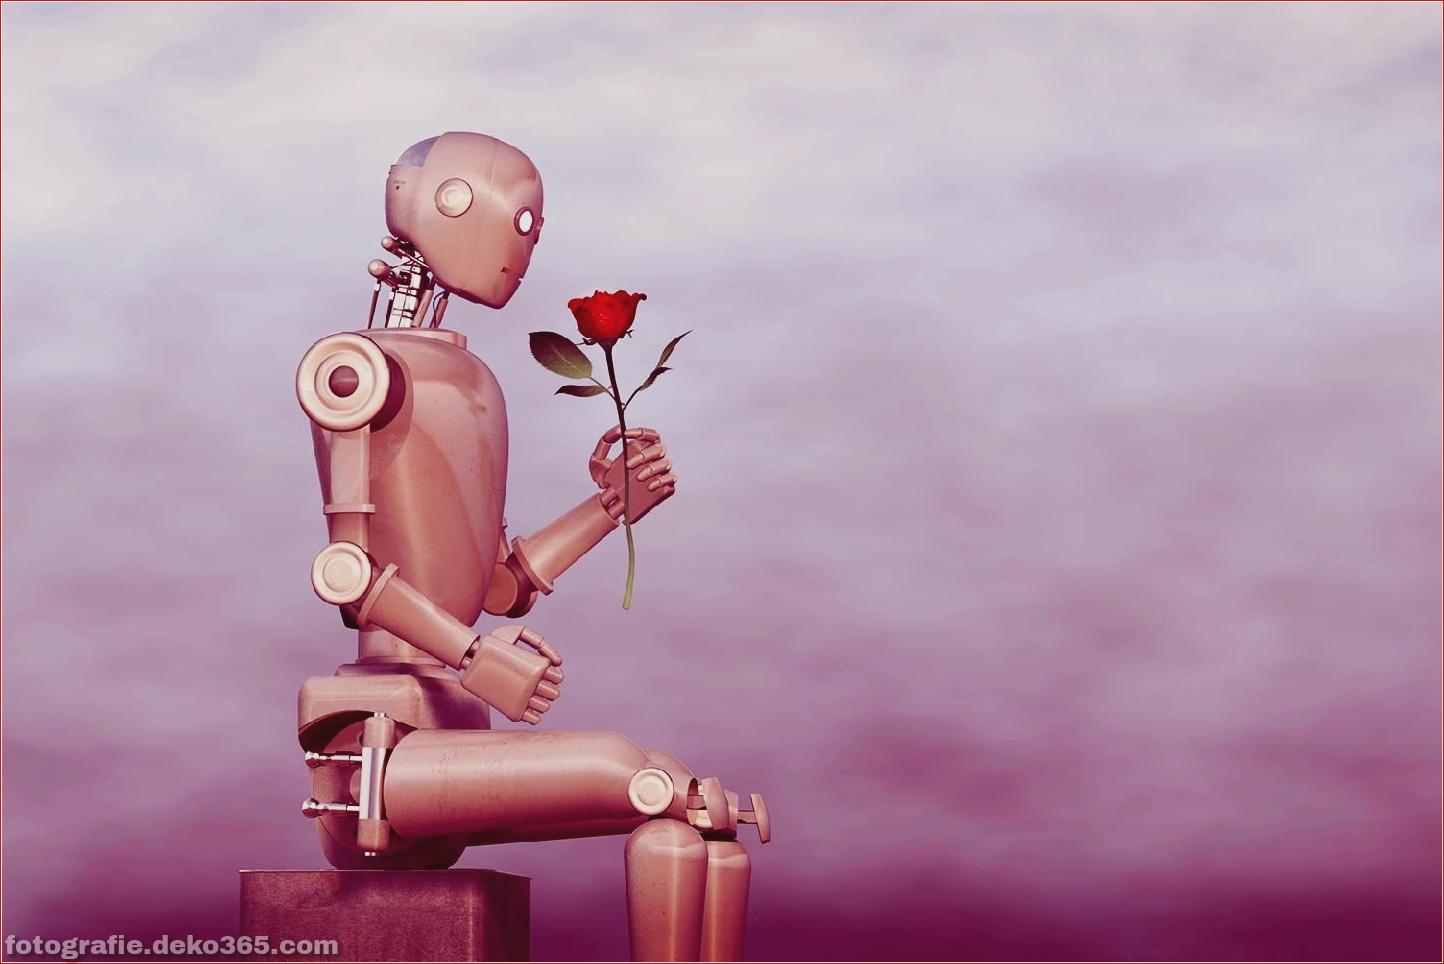 Die erste elektronische Cyborg-Rose der Welt (5)